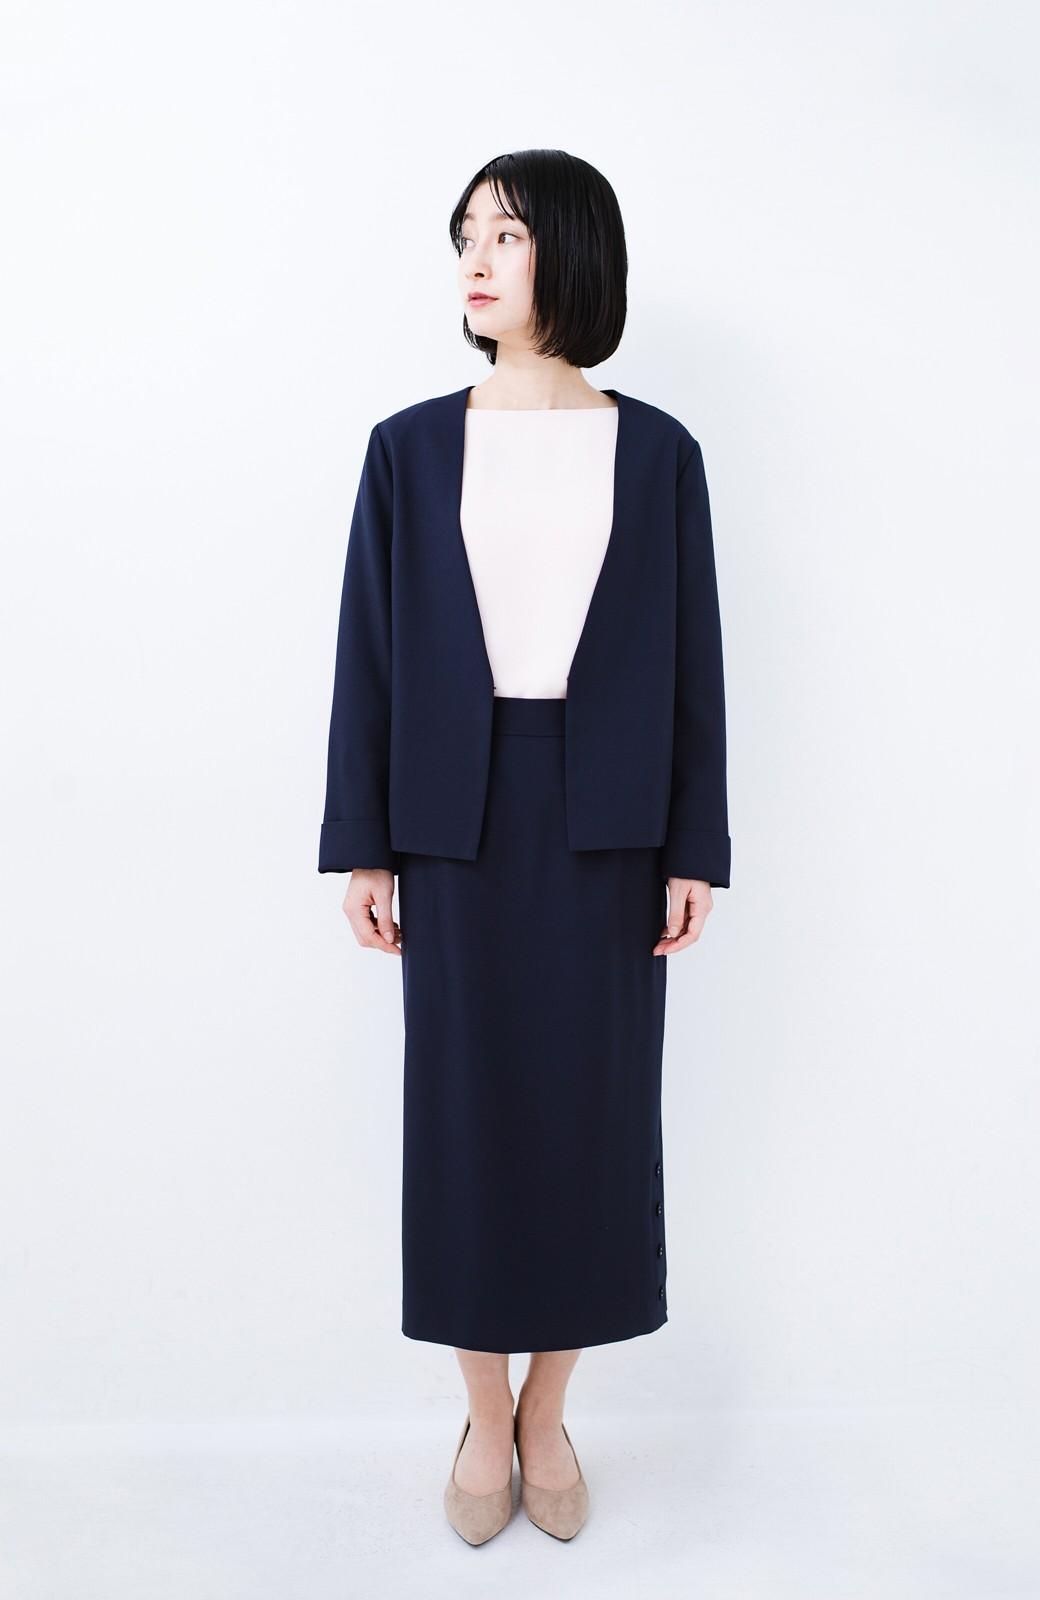 haco! 持っていると便利な野暮ったくならないフォーマルジャケット・スカートの2点セット <ネイビー>の商品写真5